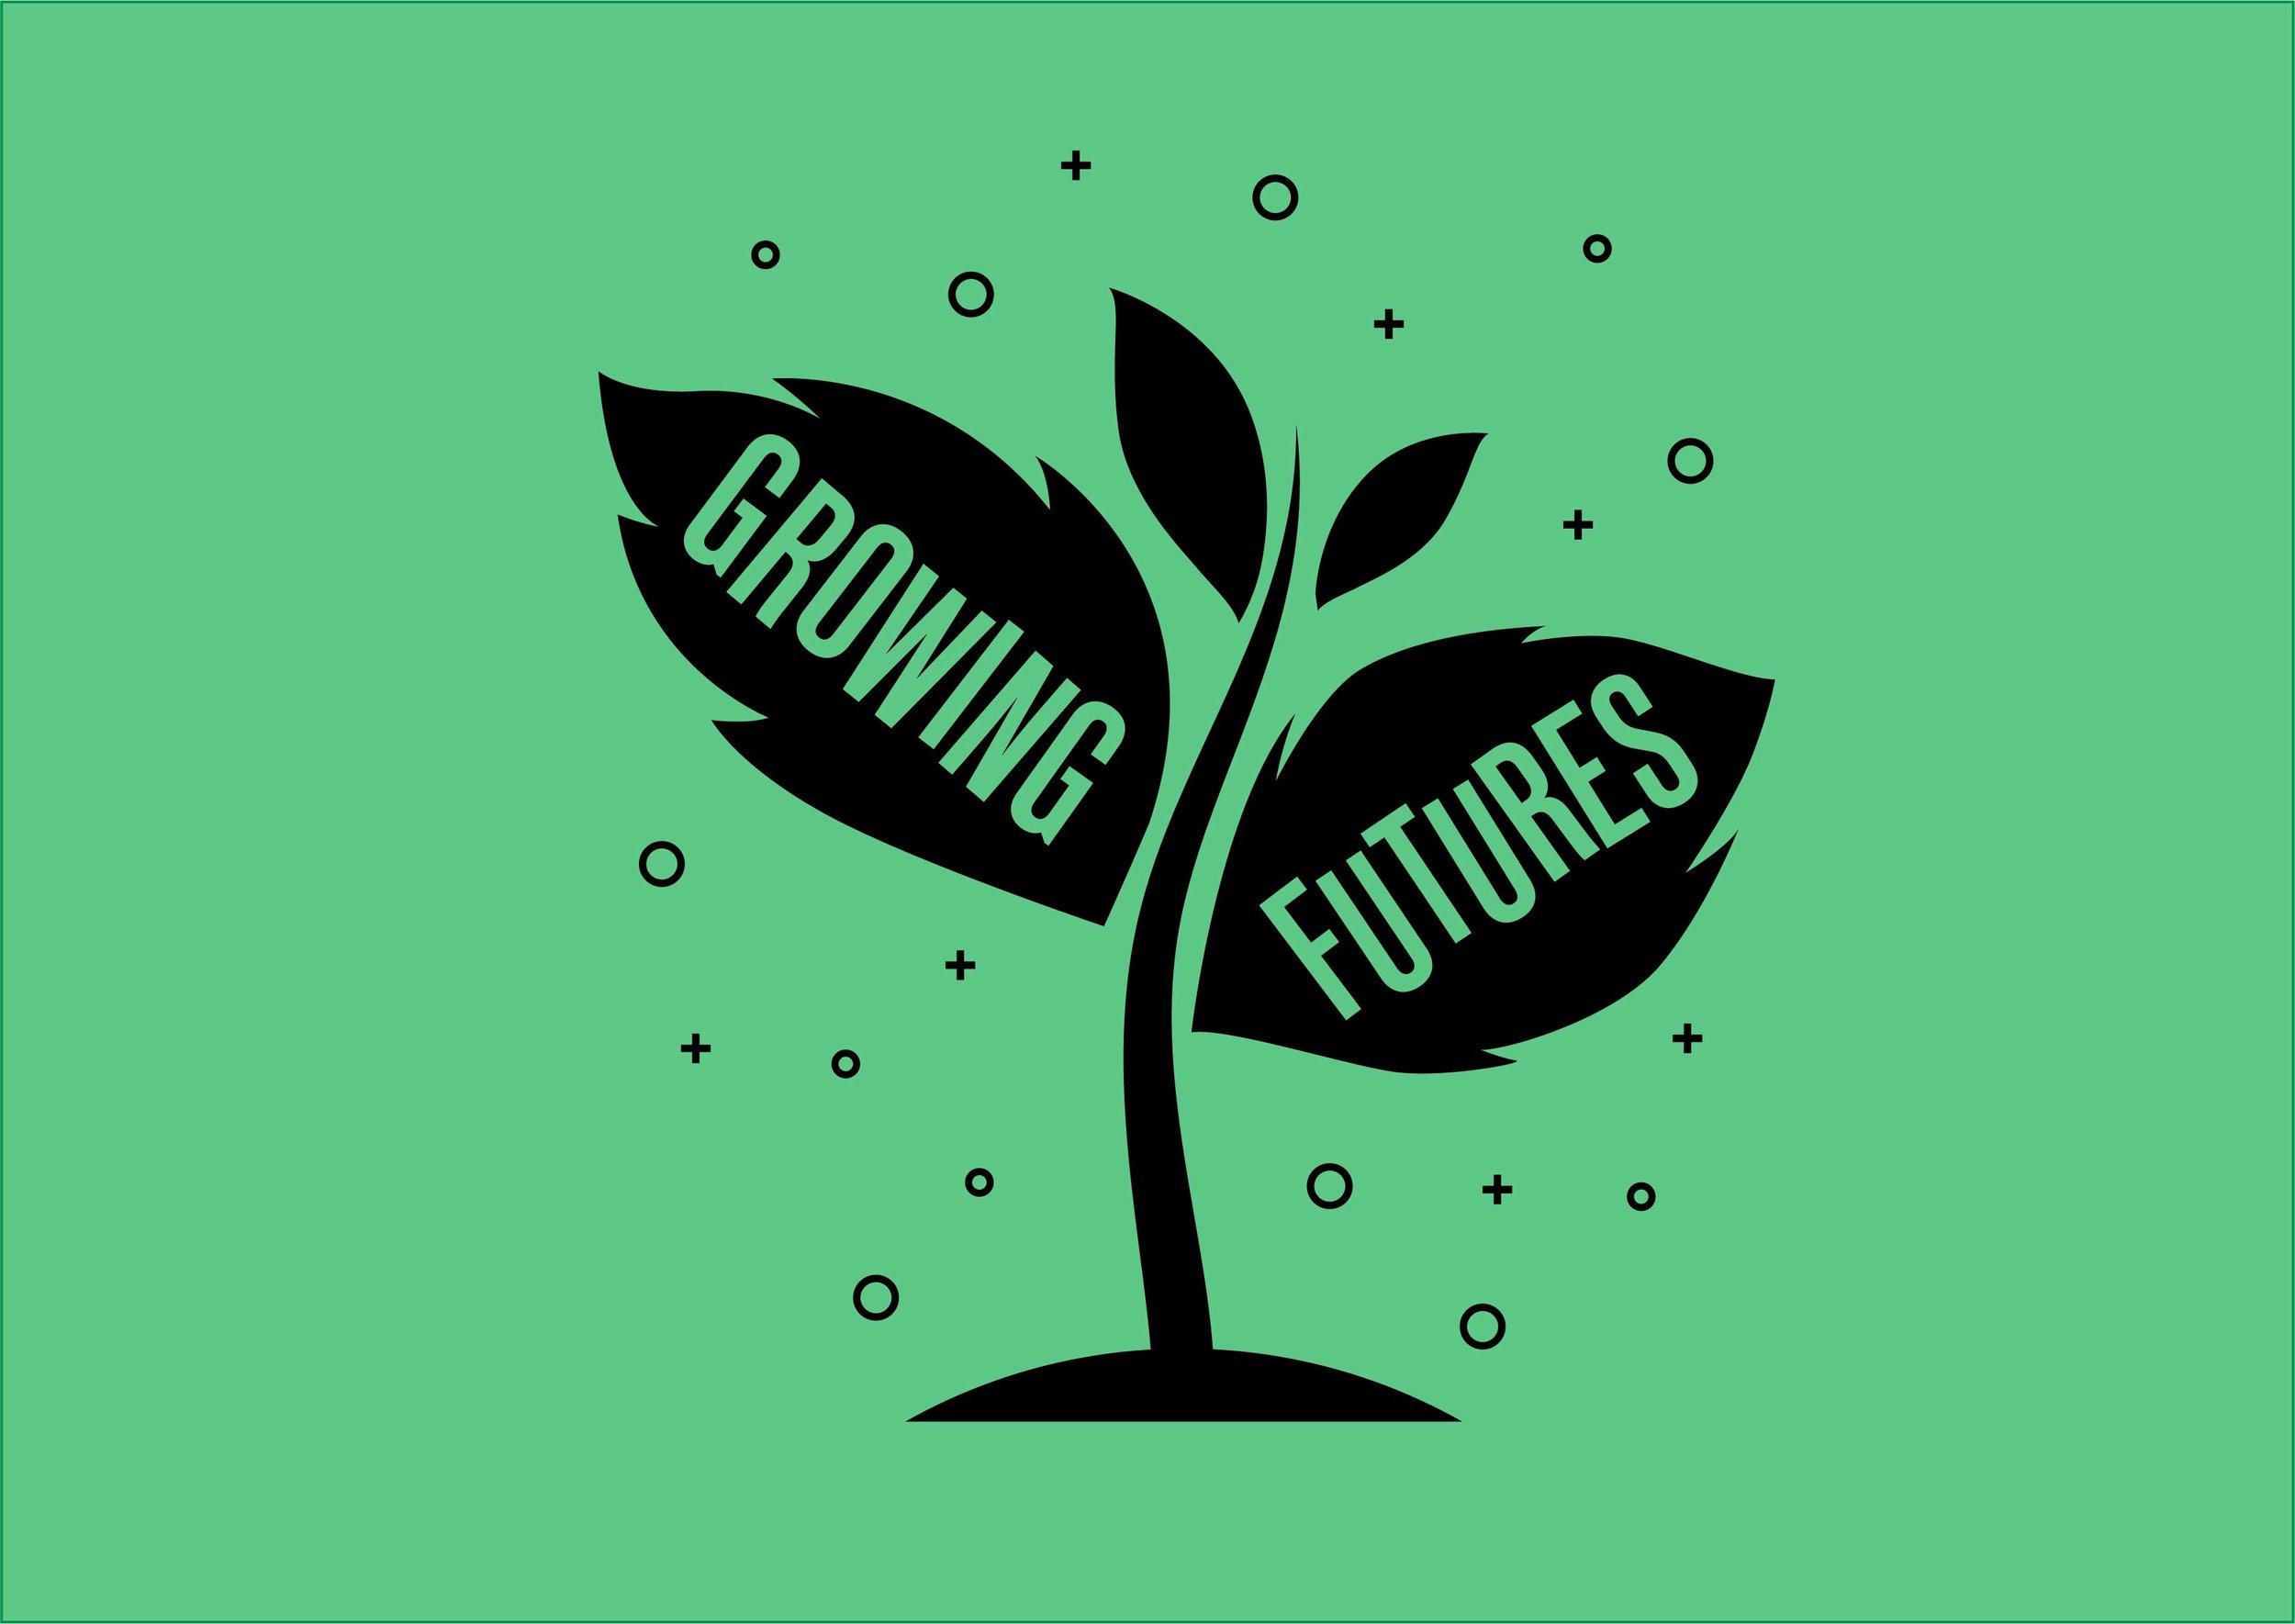 NBL_GROWING_FUTURES_RGB.jpg